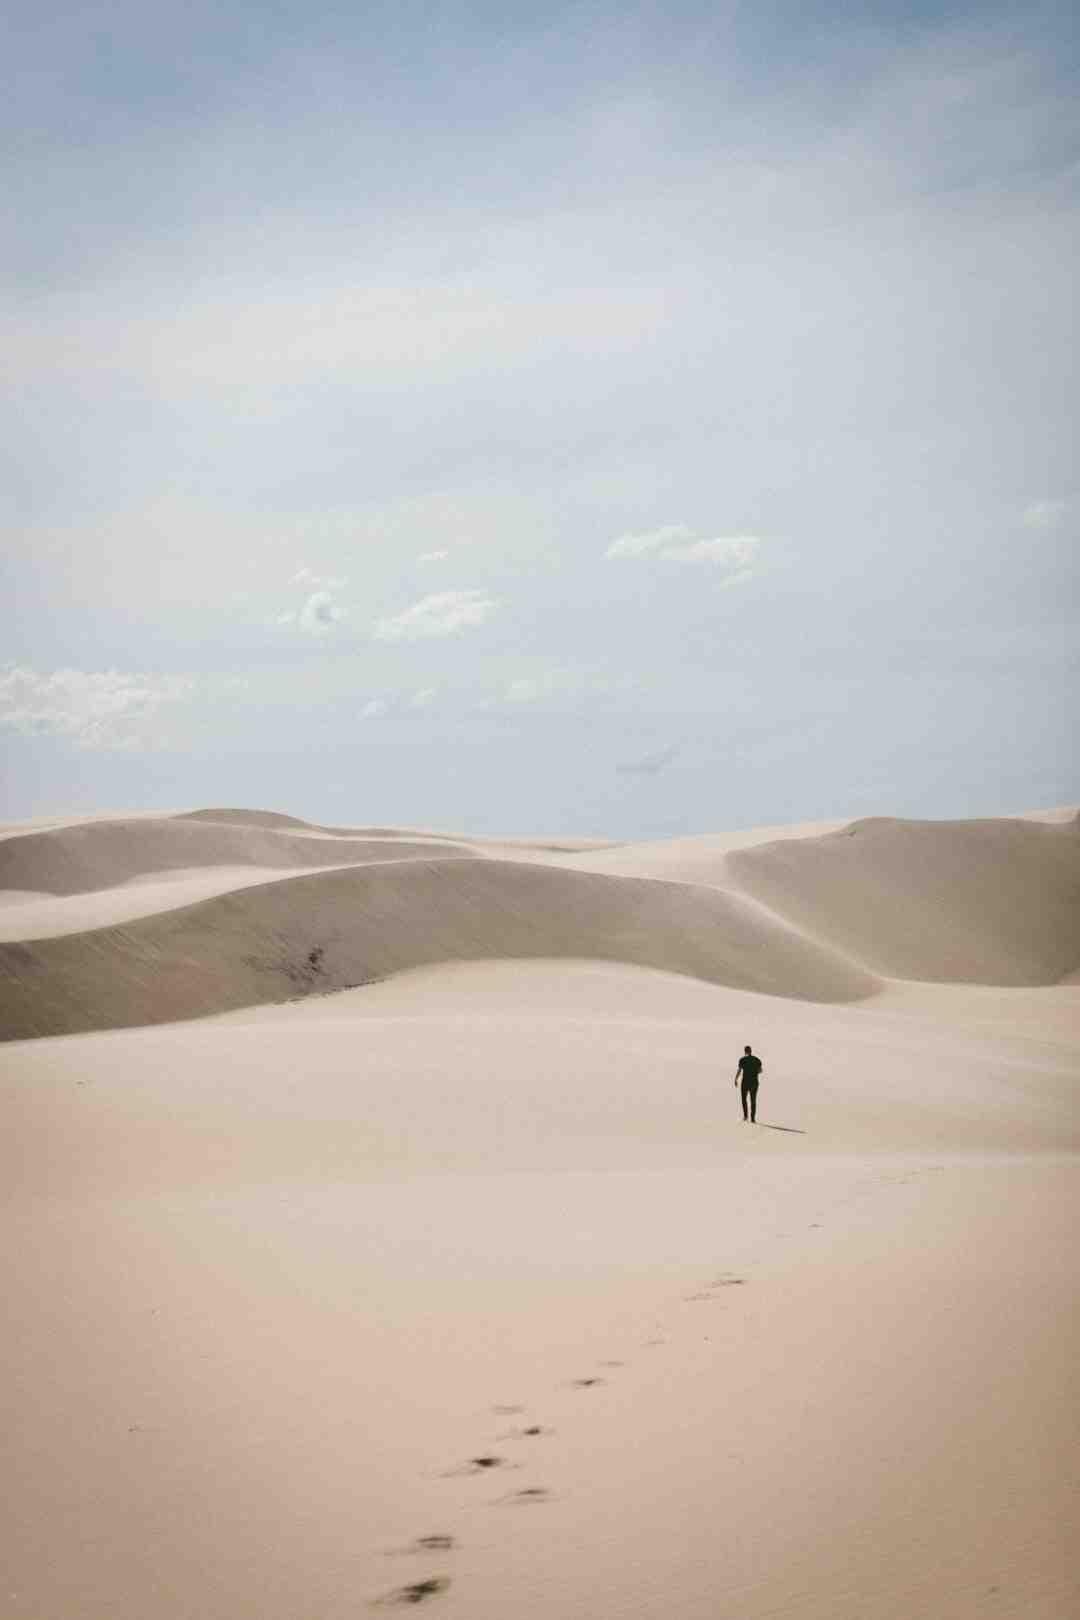 Pourquoi rien ne pousse dans le sable ?